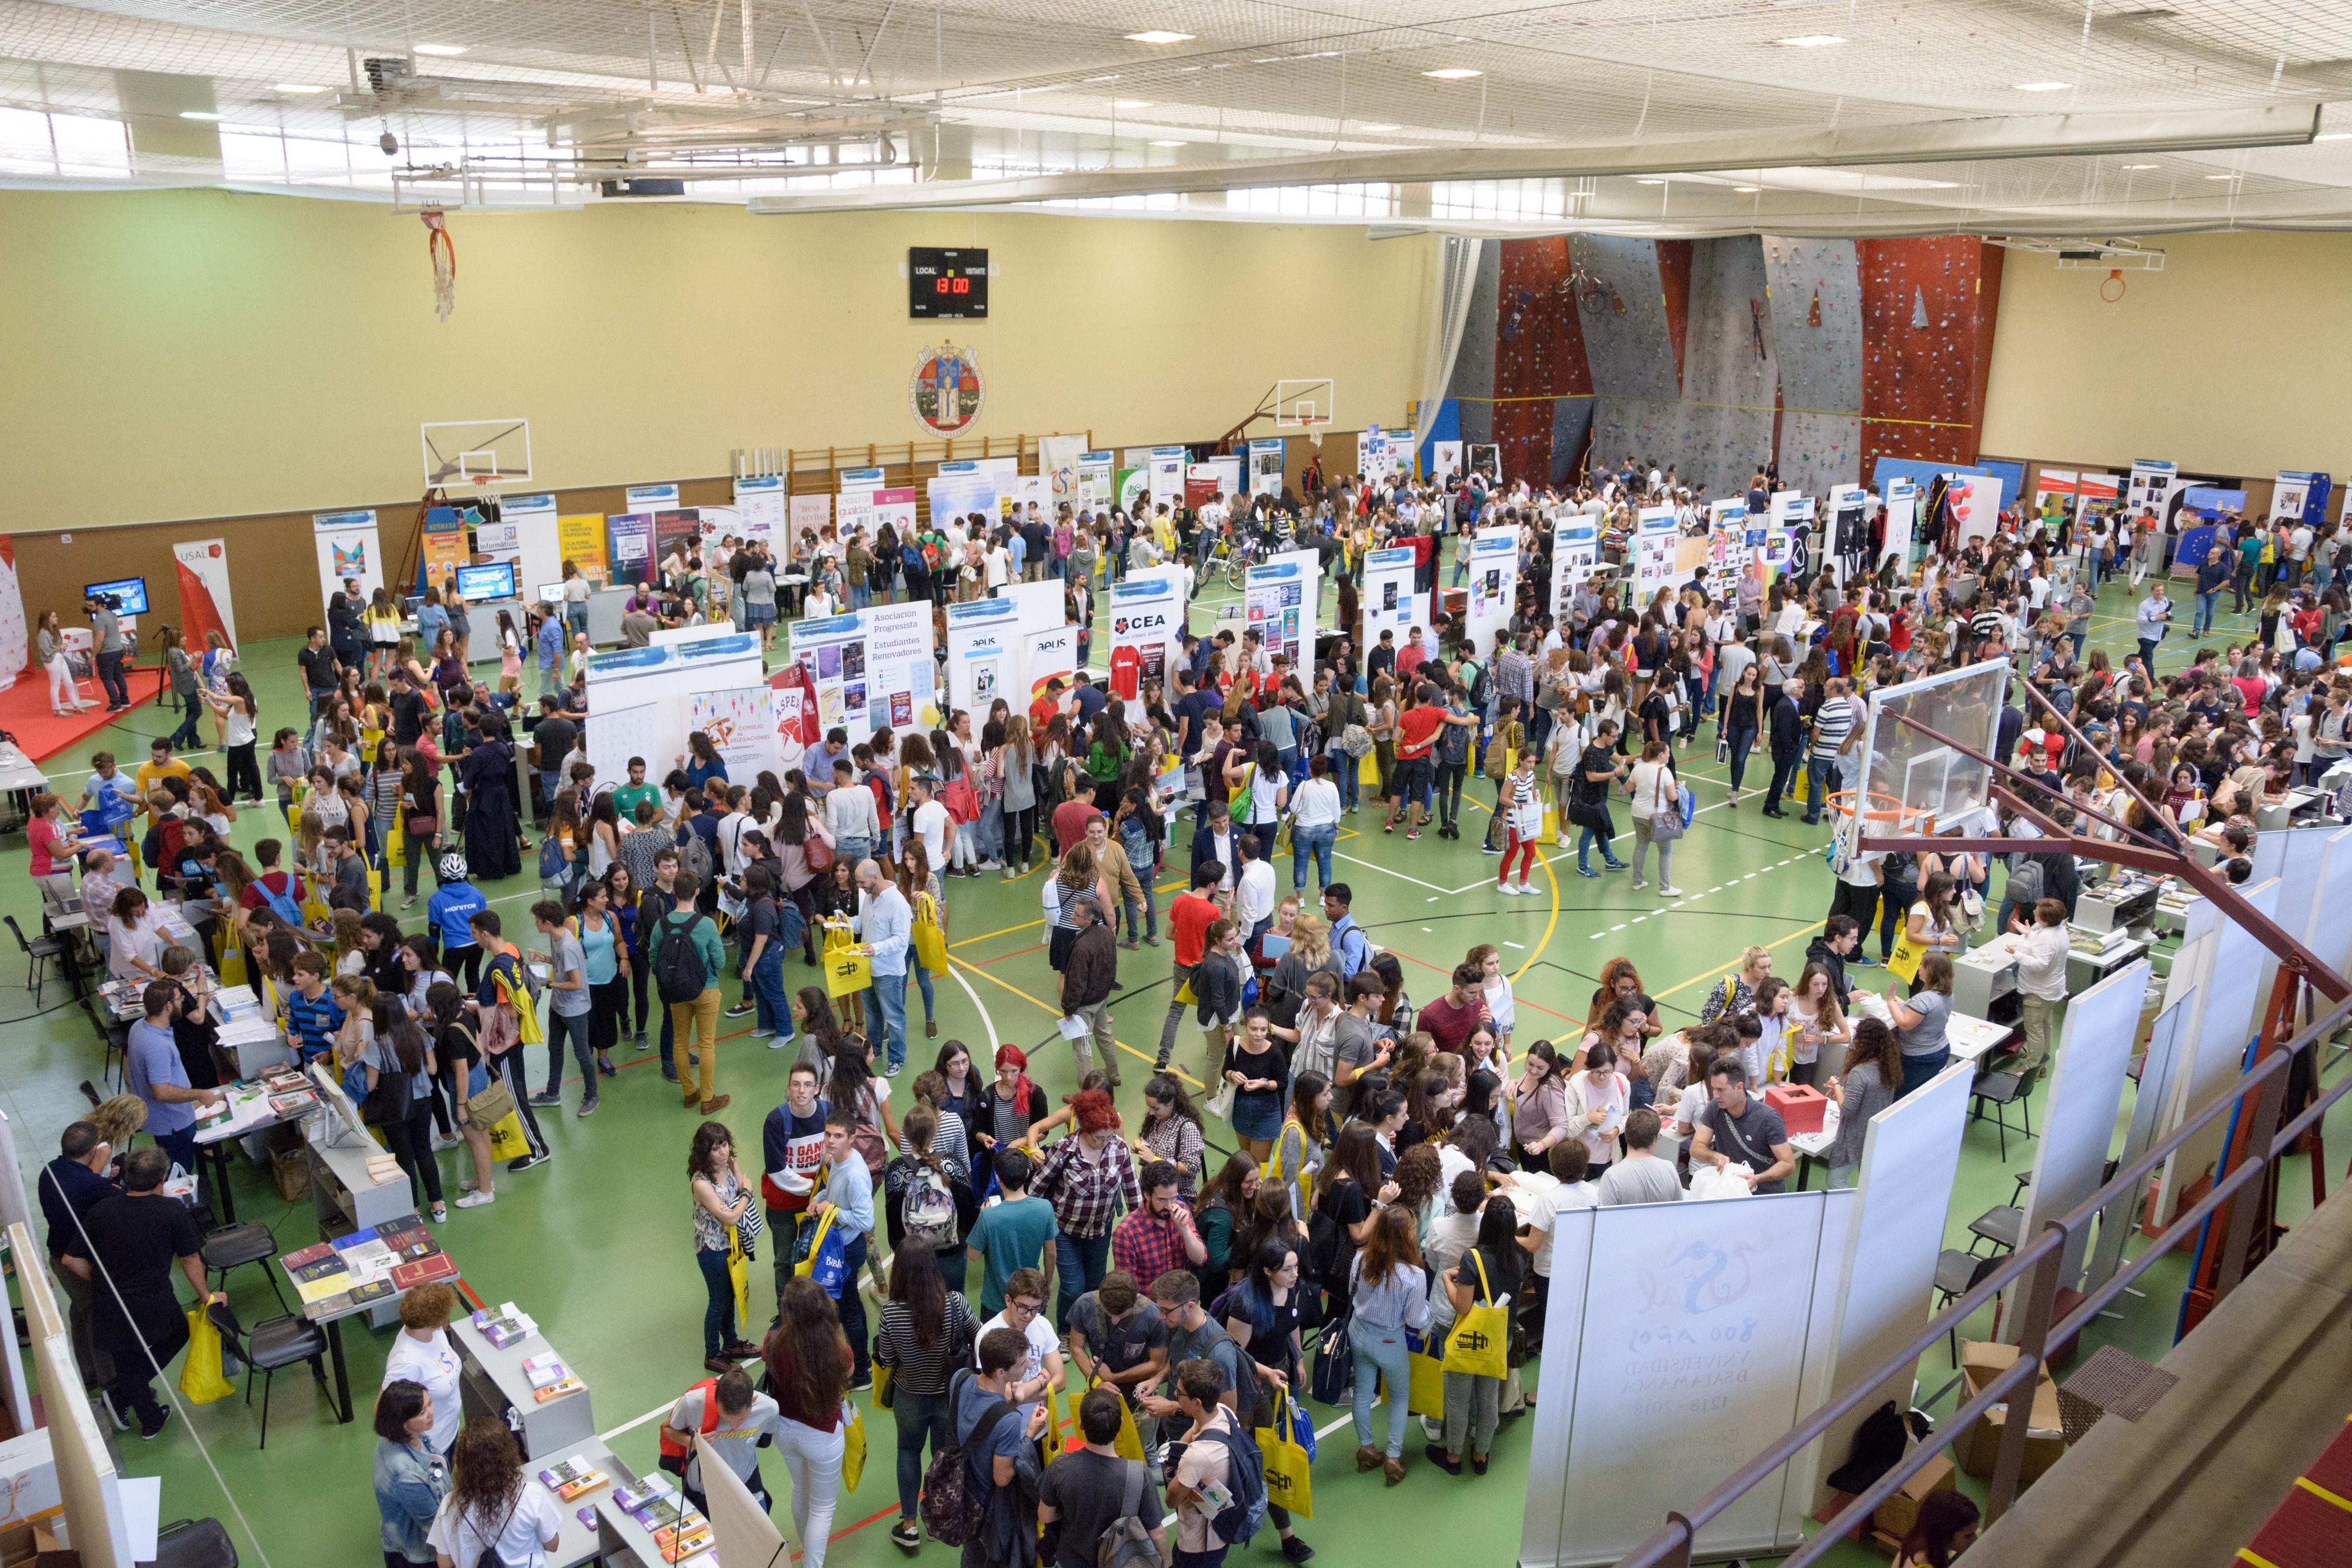 Cerca de 10 000 estudiantes disfrutan de la Feria de Bienvenida de la Universidad de Salamanca